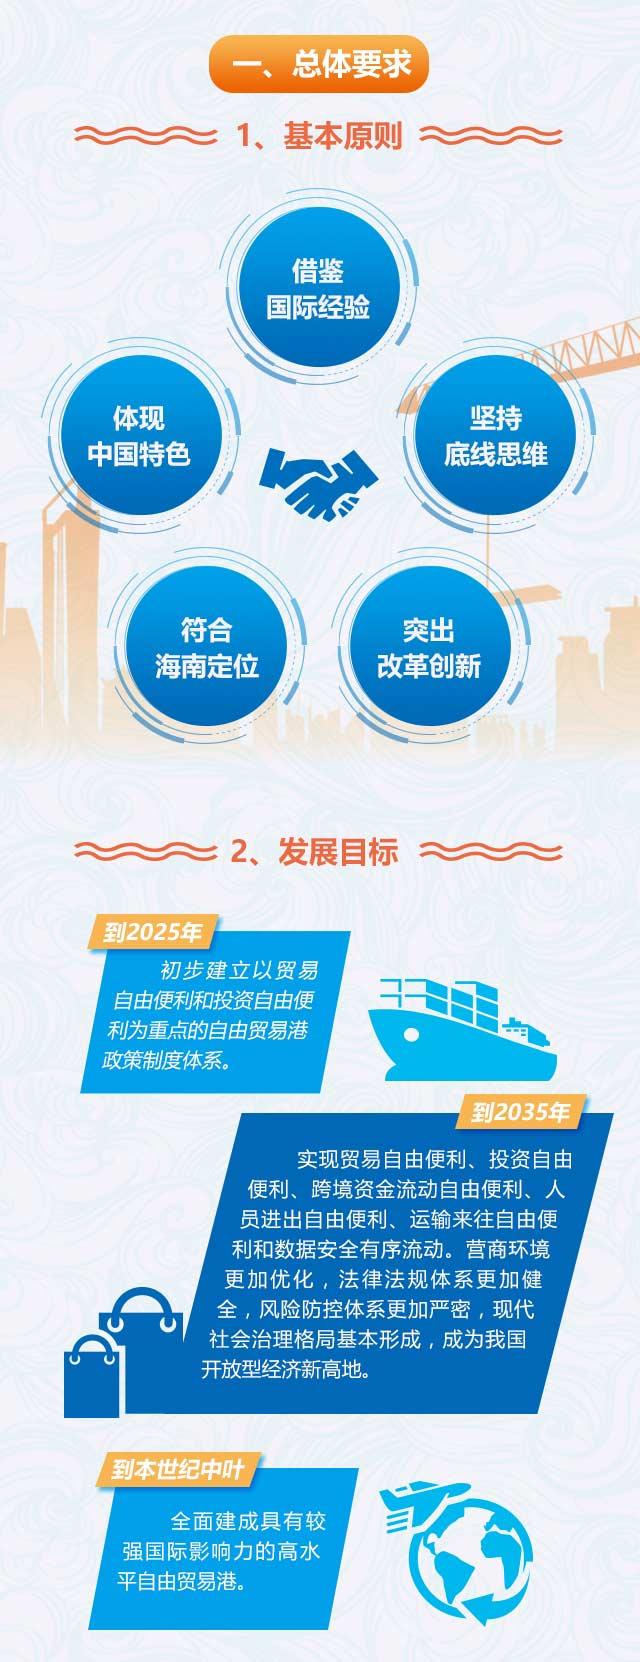 习近平总书记亲自谋划的海南自由贸易港蓝图定了!